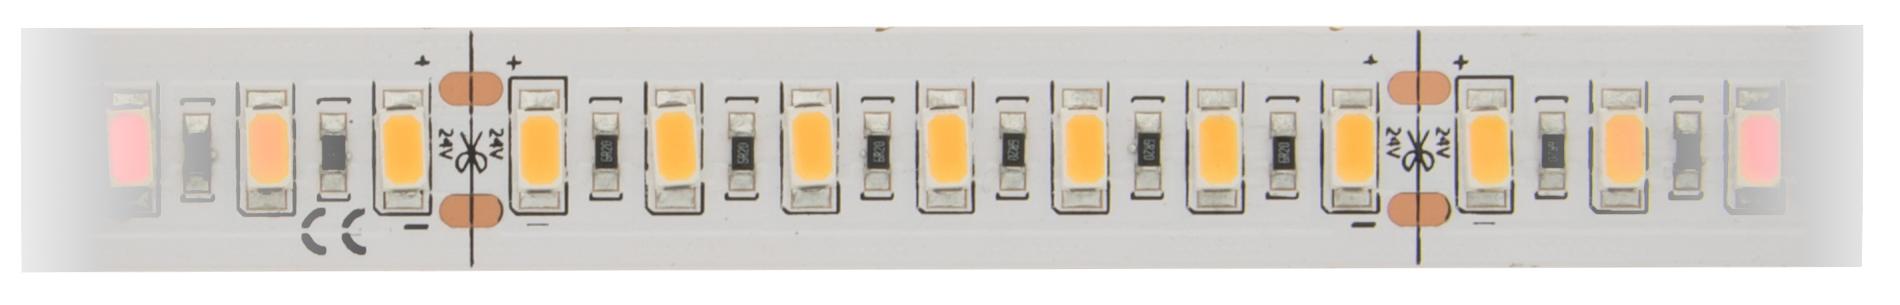 1 Stk FS 160, WW, Ra=90+, 37,0W/m, 3610lm/m, 24VDC, IP20, l=5m LIFS019002